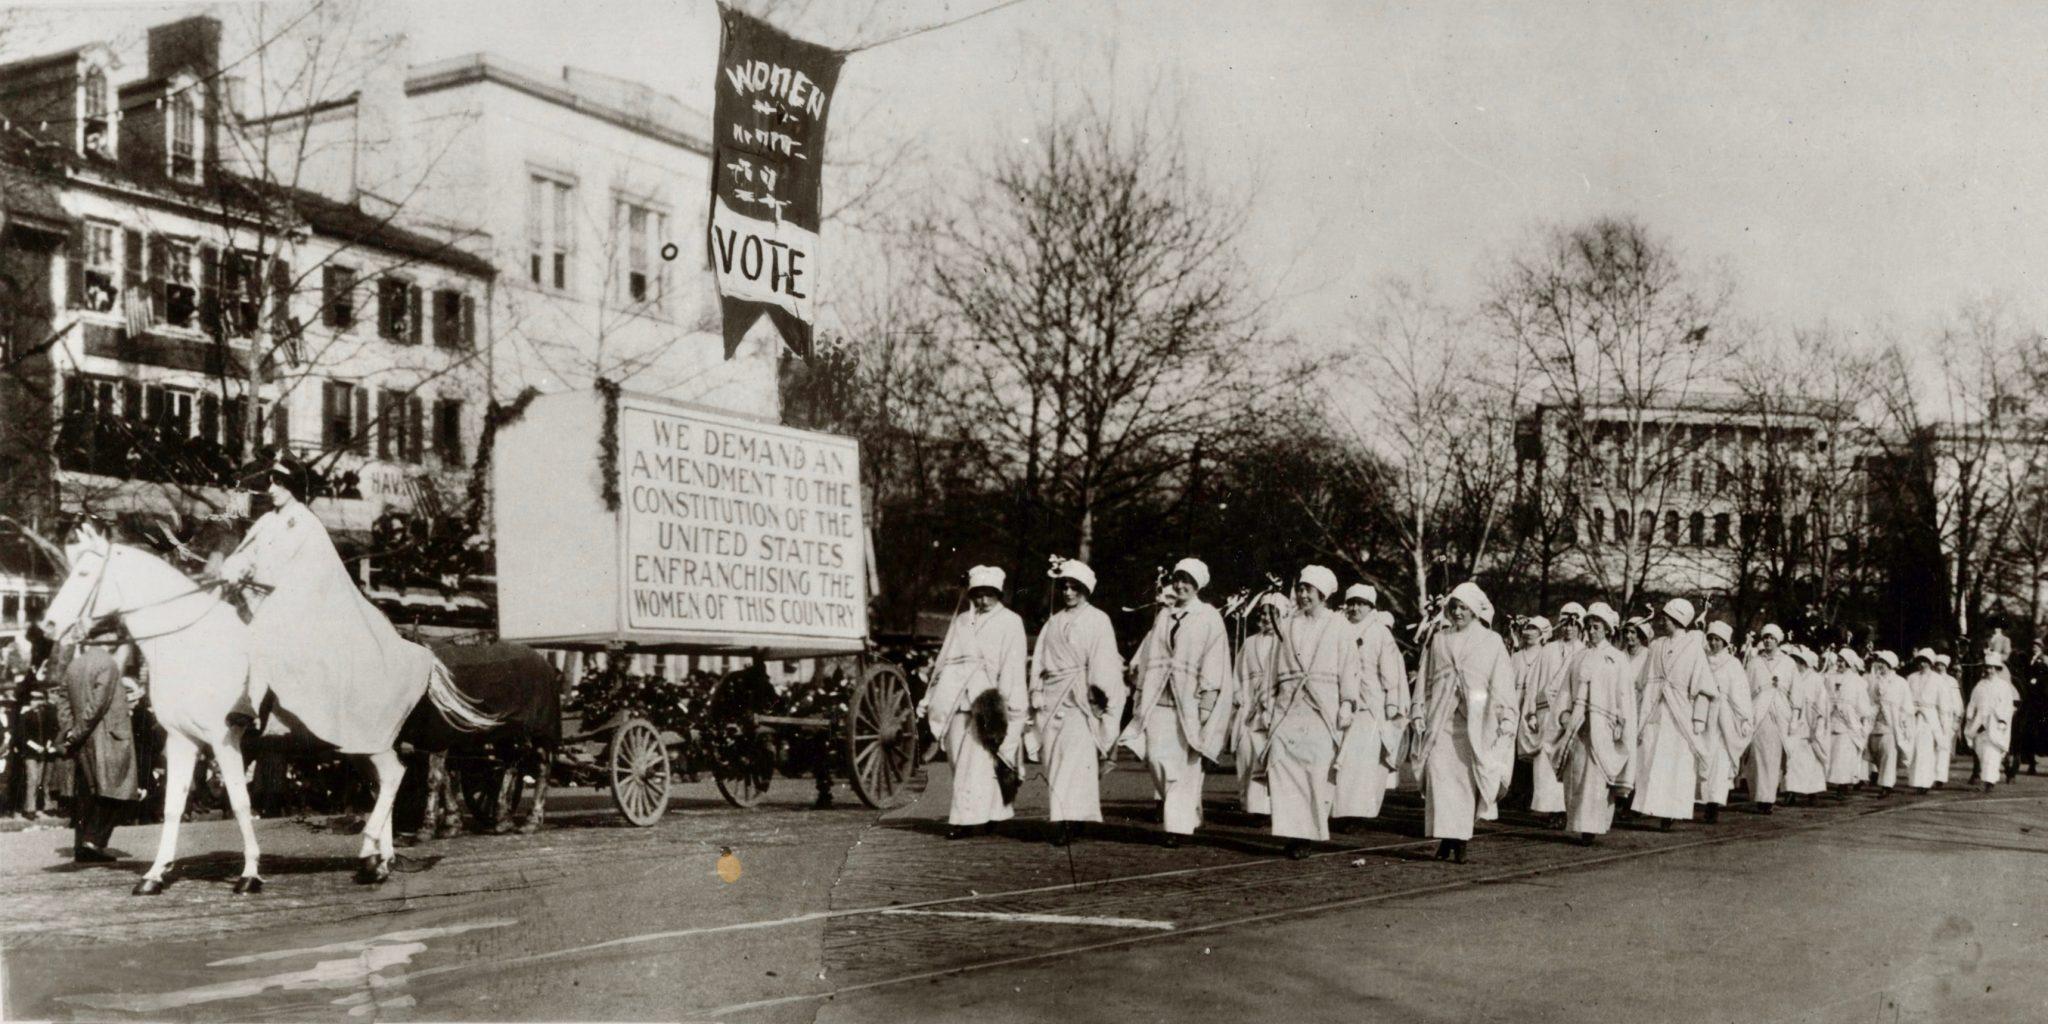 Suffrage-1-2048x1024